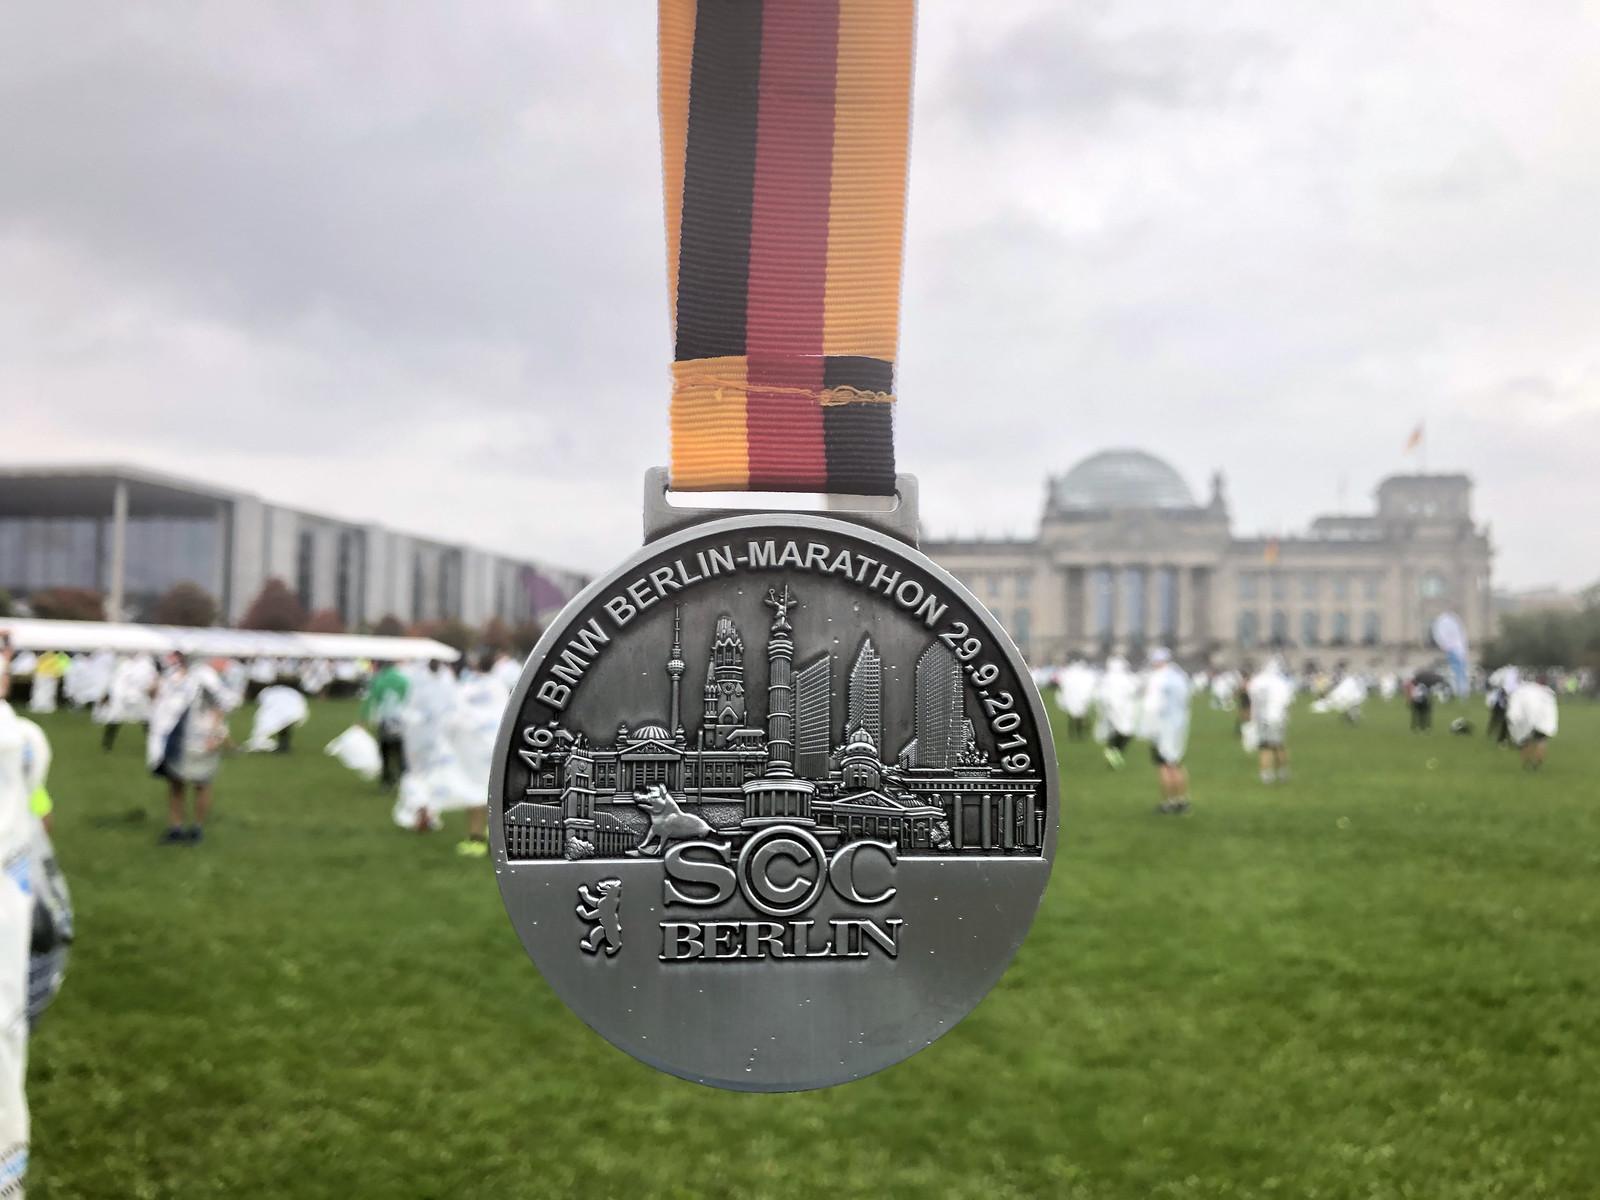 Correr el Maratón de Berlín - Berlin Marathon fotos photos - thewotme maratón de berlín - 49039283177 6ceca1896f h - Correr el Maratón de Berlín: Análisis, recorrido, entrenamiento e inscripciones